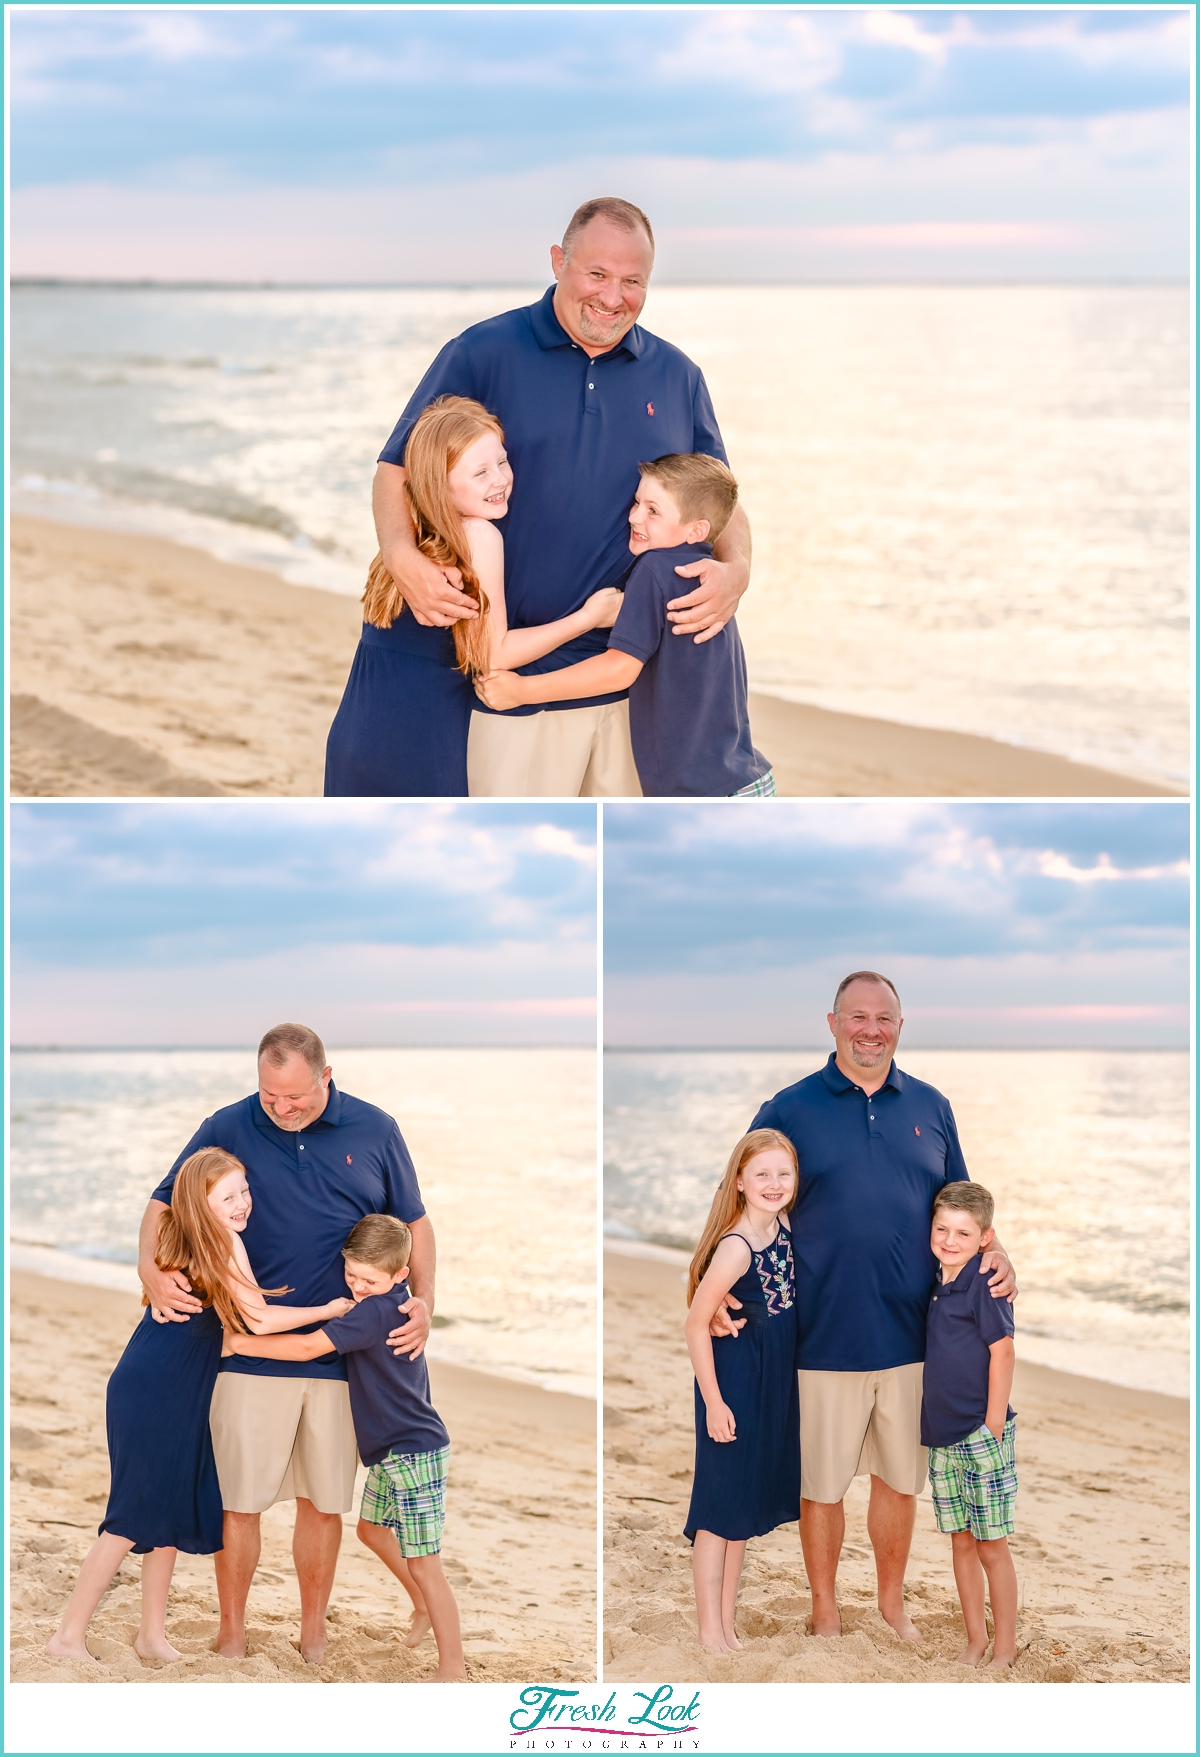 photos with dad on the beach